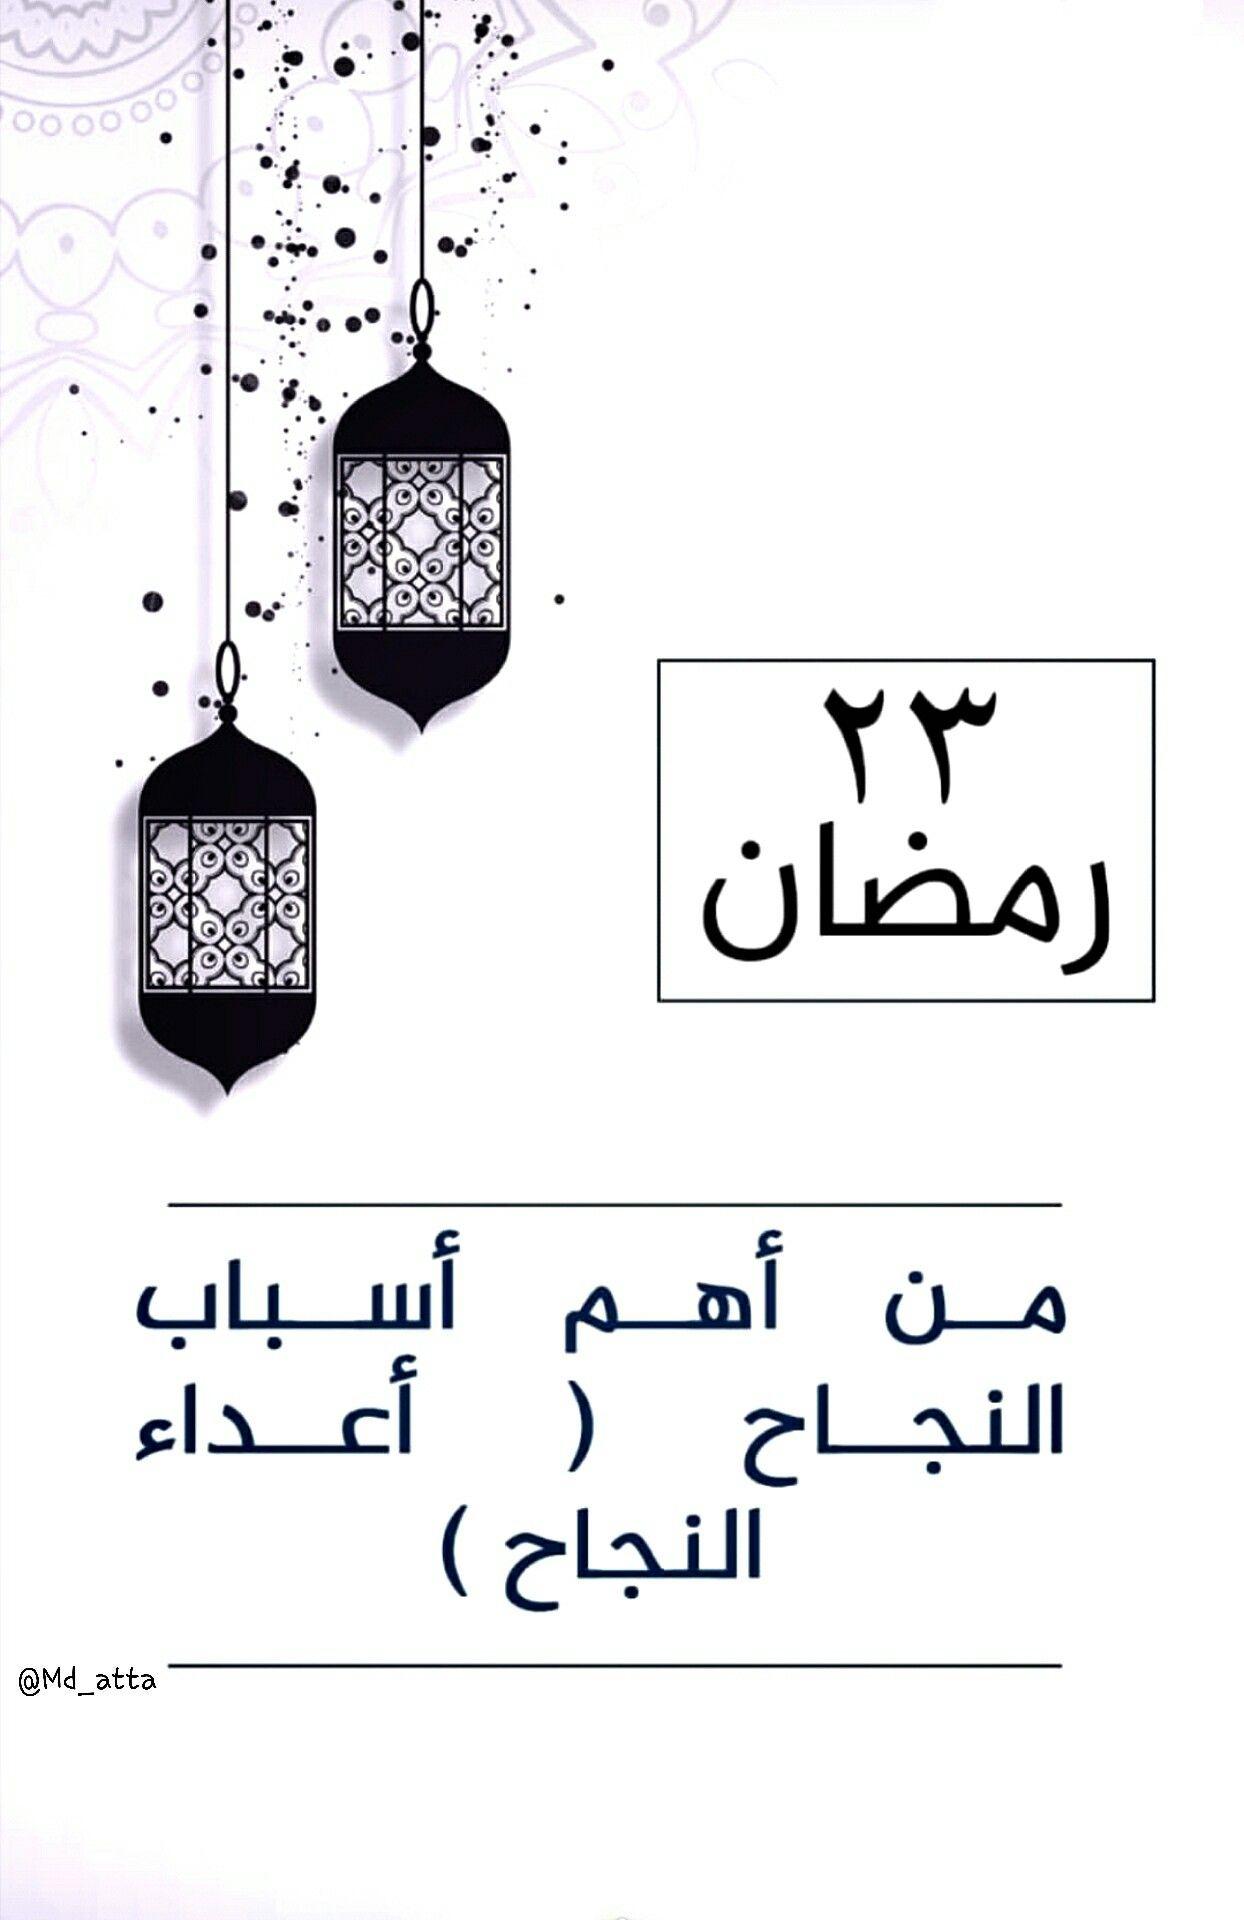 23رمضان رمضان Ramadan Prayer Ramadan Islamic Images